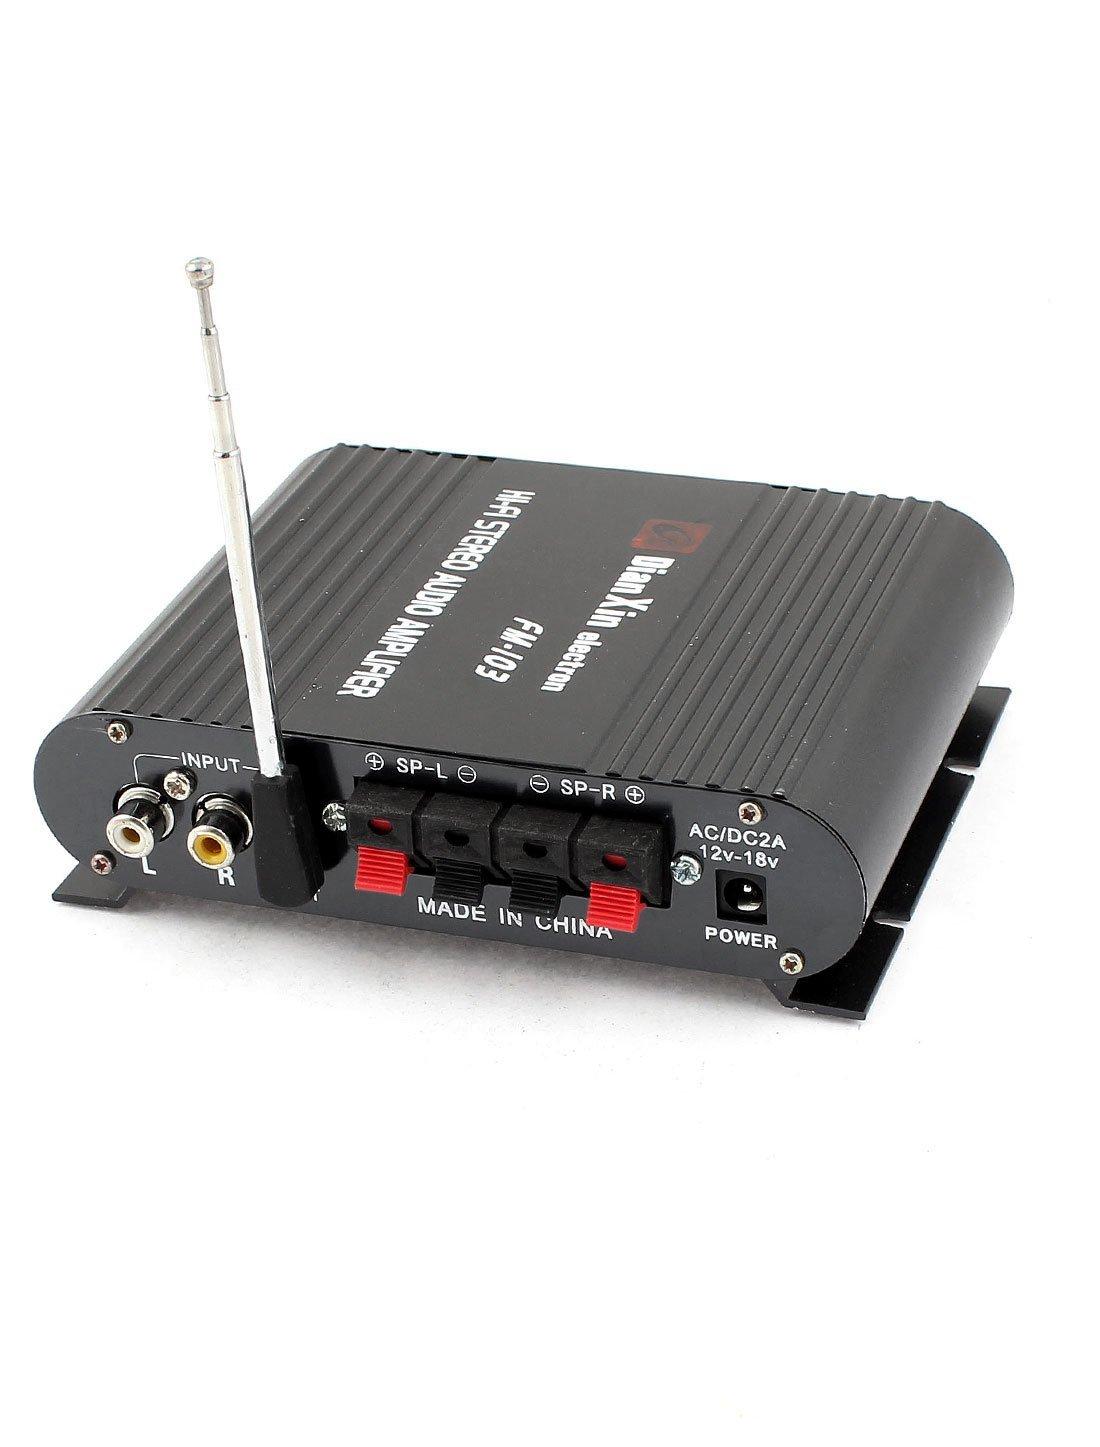 Amazon.com: Automóvil Presione el botón del interruptor de Control del amplificador de 200W 2Cr: Car Electronics